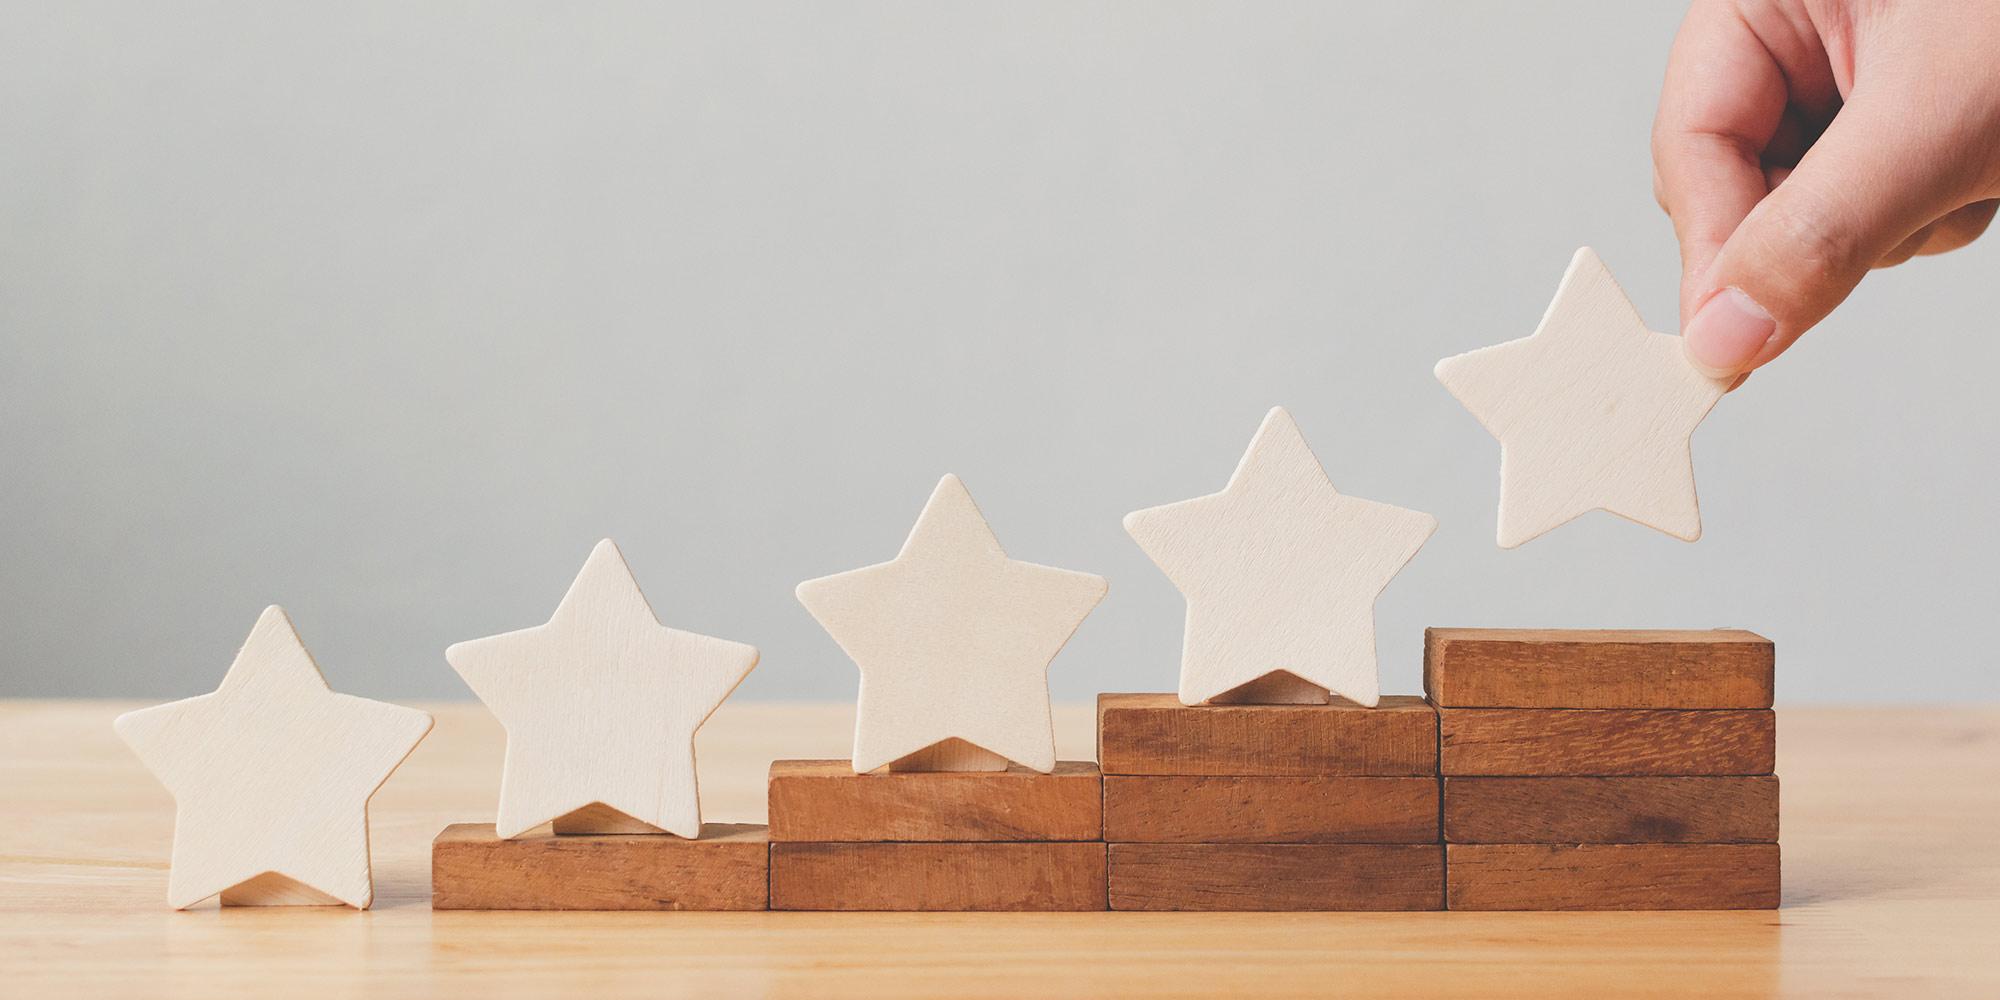 O que seus clientes acham do seu serviço? Dicas para aplicar NPS na advocacia